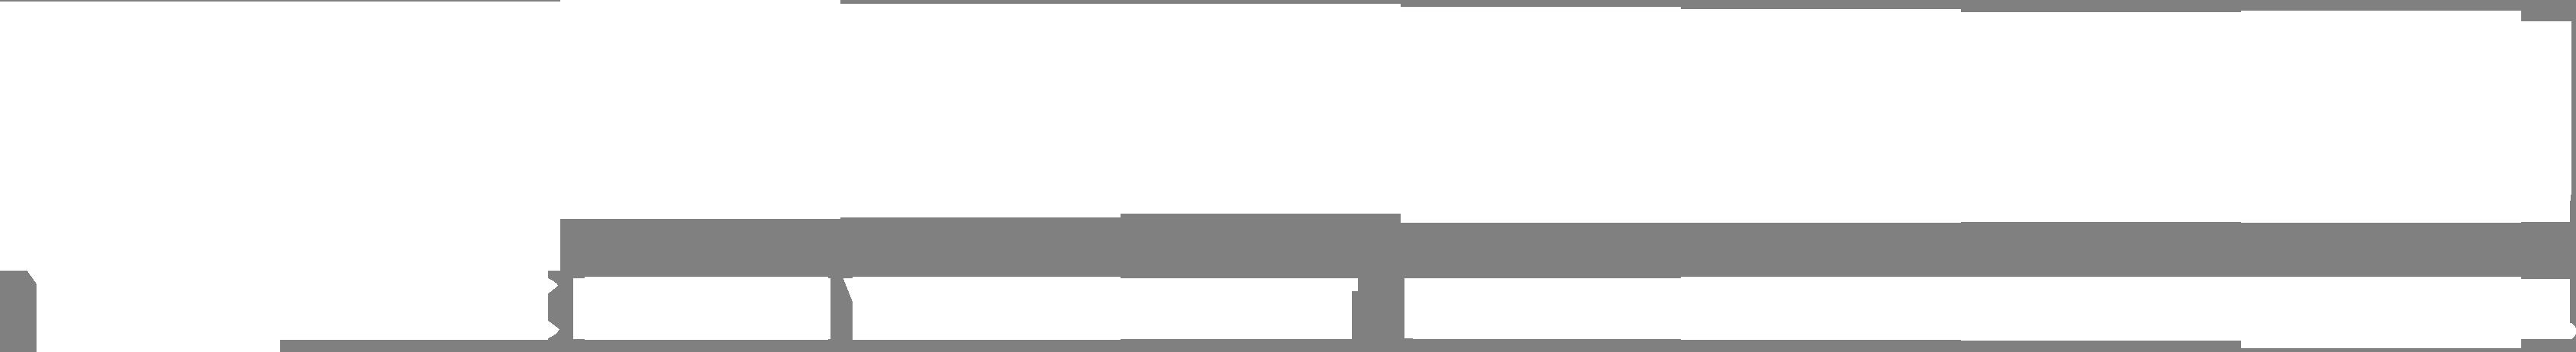 北京建工投资发展有限责任公司